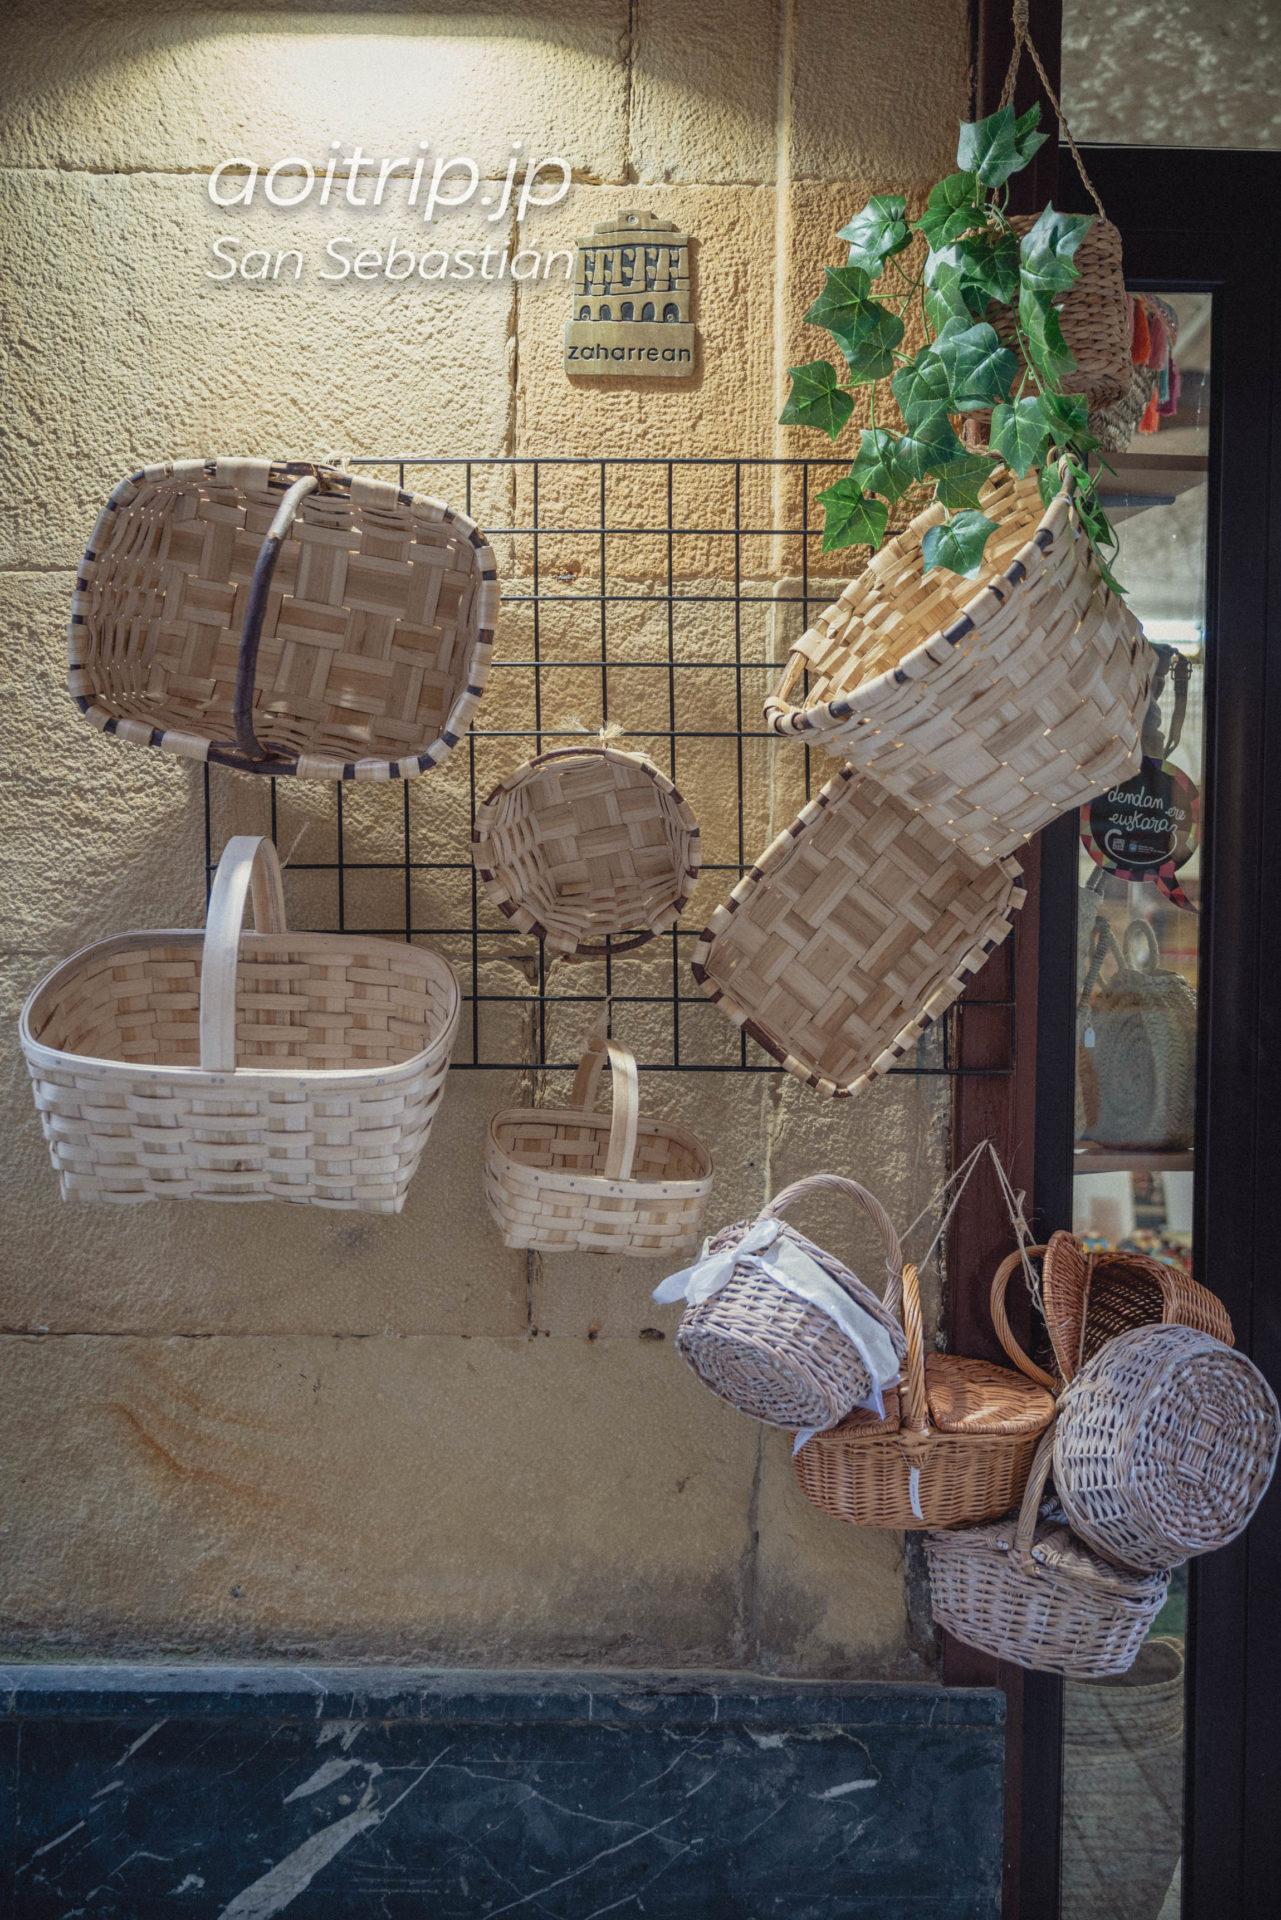 スペイン・サンセバスティアンの雑貨屋さんCesteria Iriondo